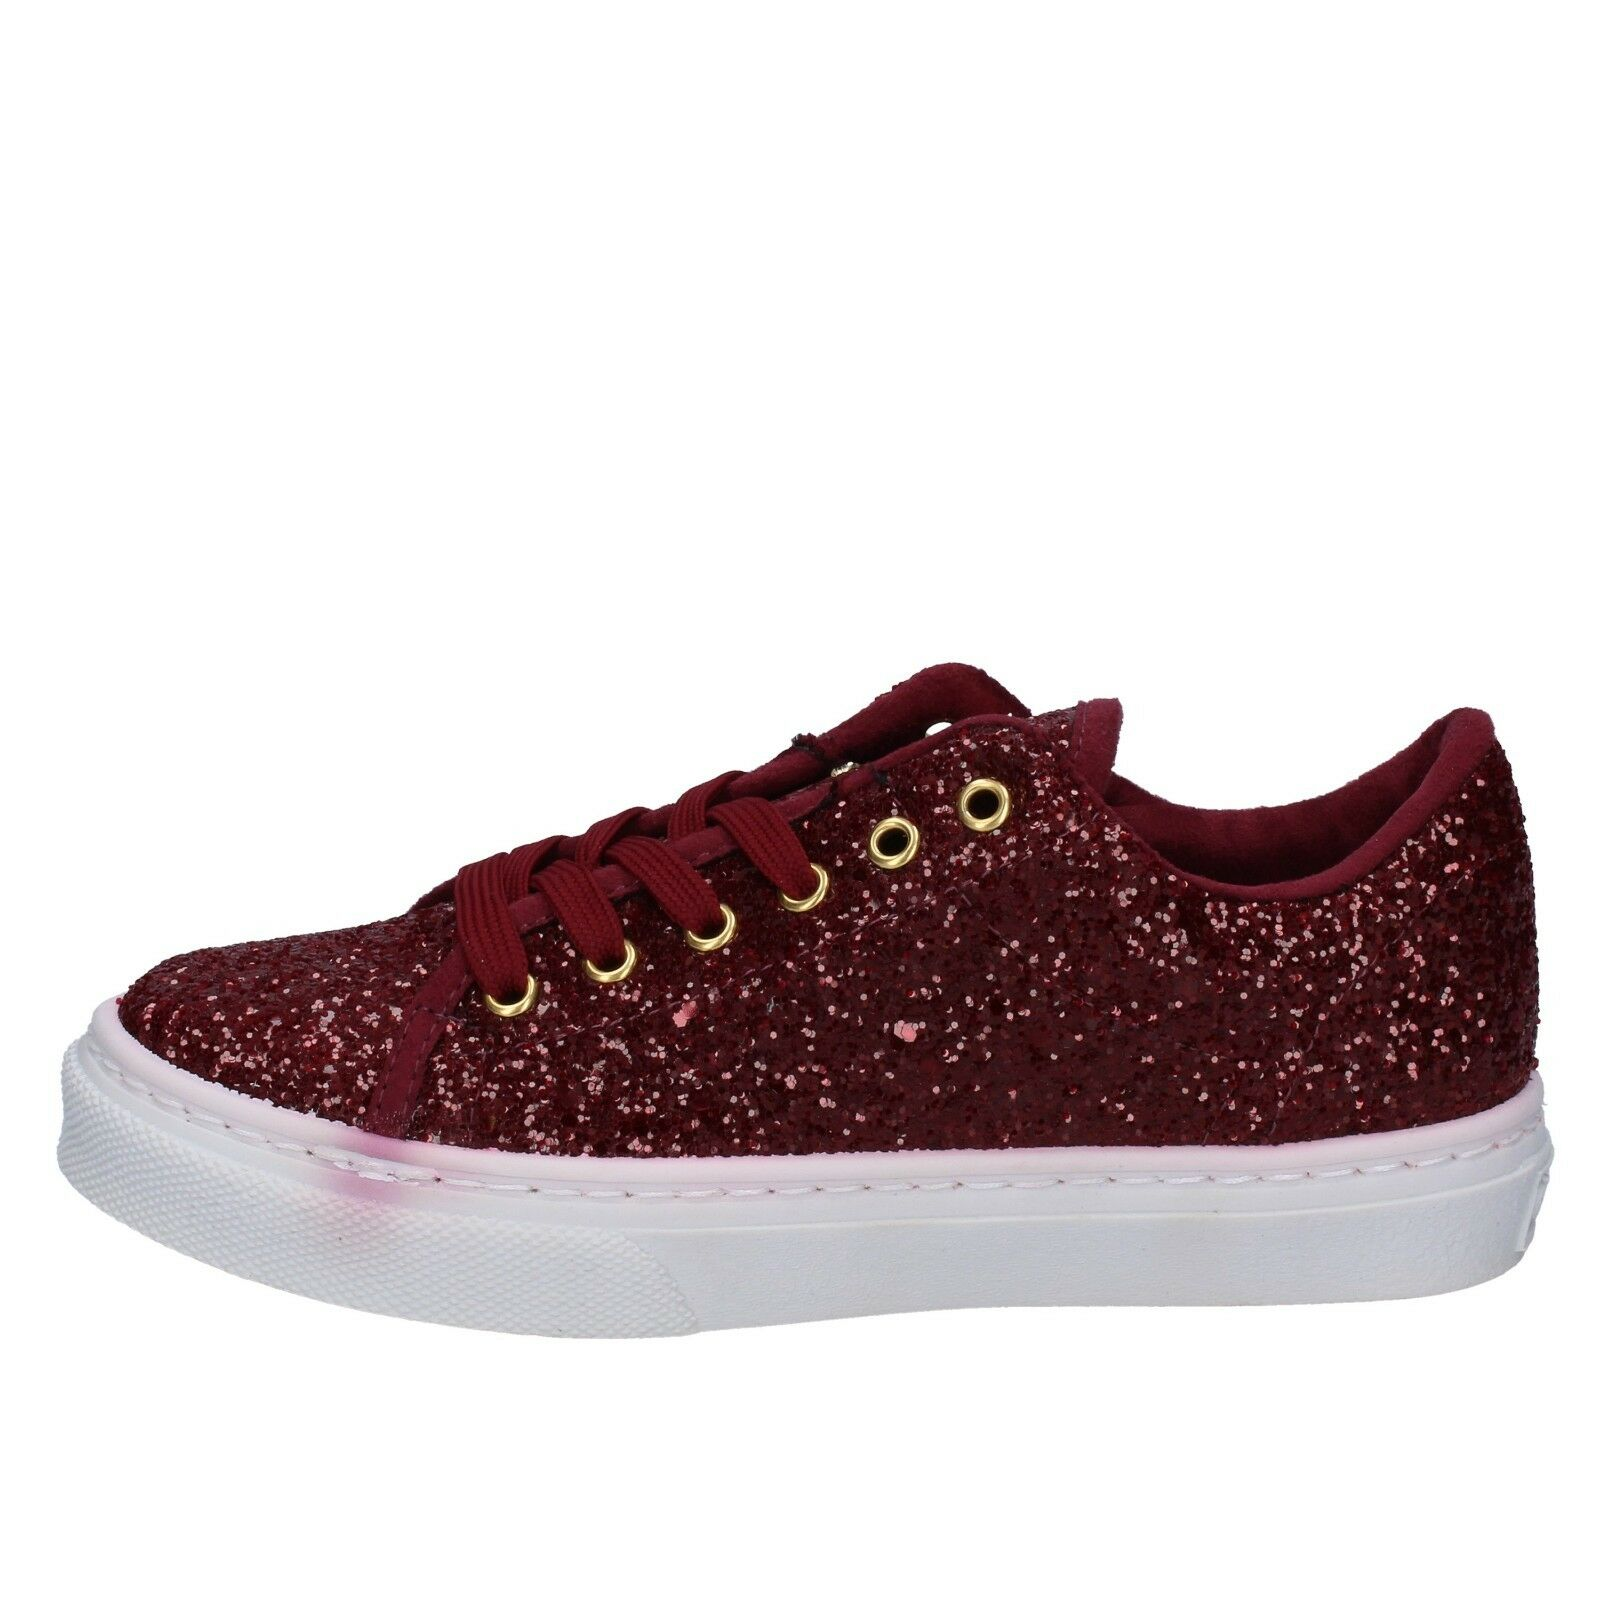 Scarpe donna ginnastica GUESS 35 EU scarpe da ginnastica donna bordeaux glitter BY957-35 0eaaf8